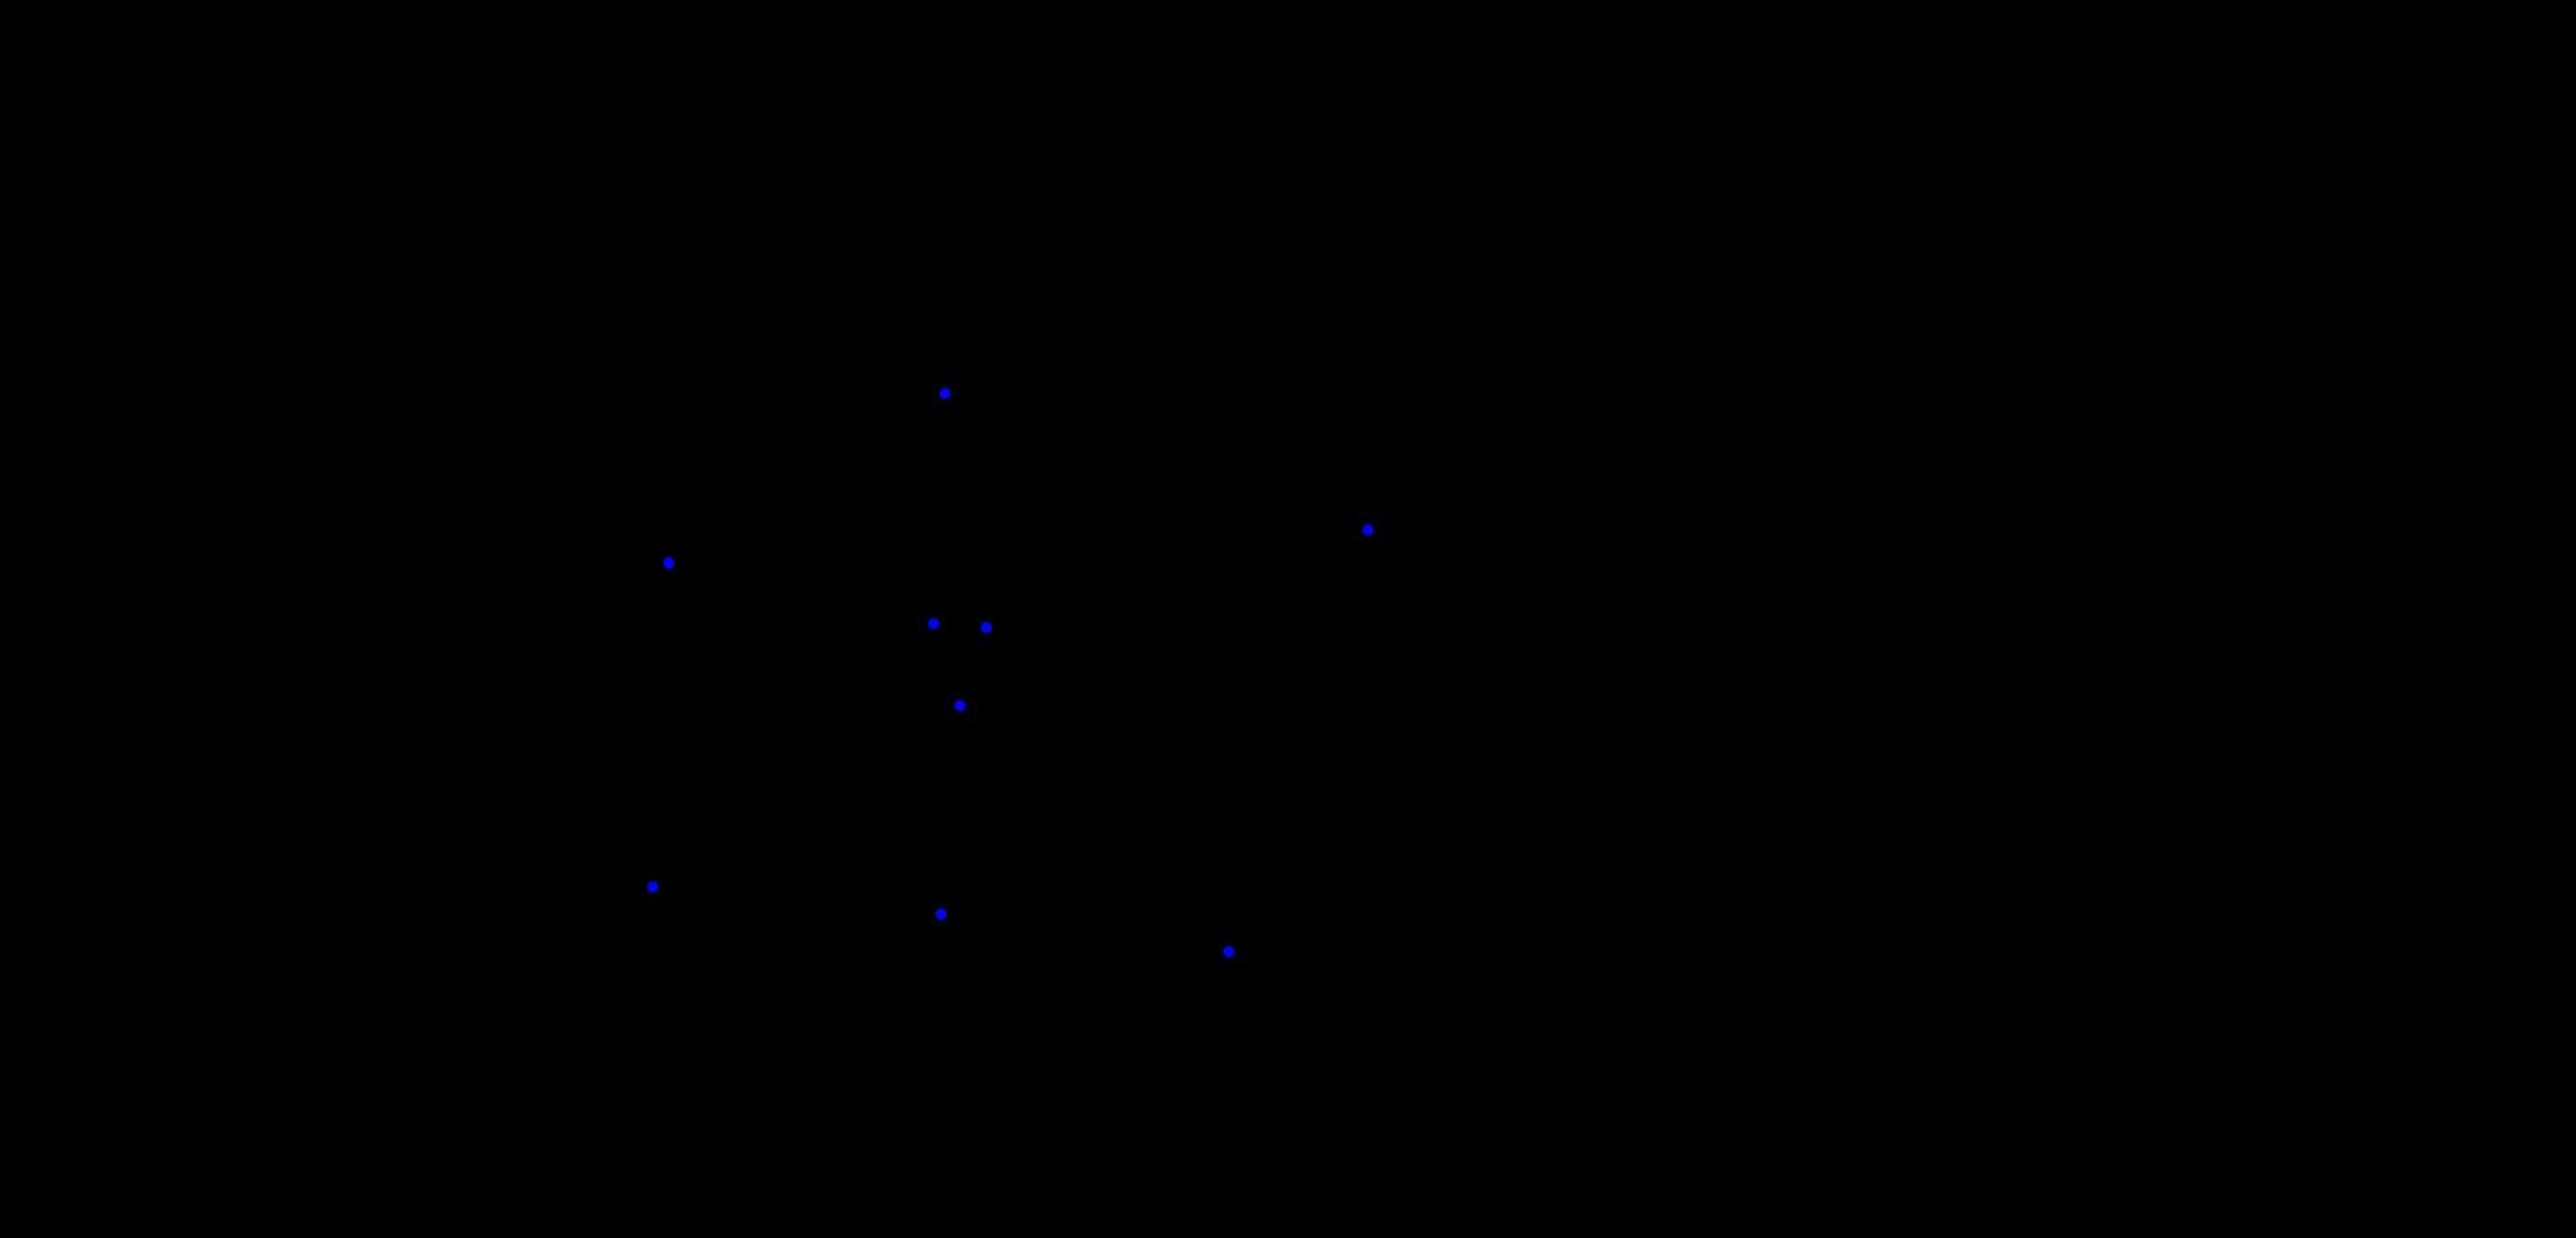 2741x1317 Geometry